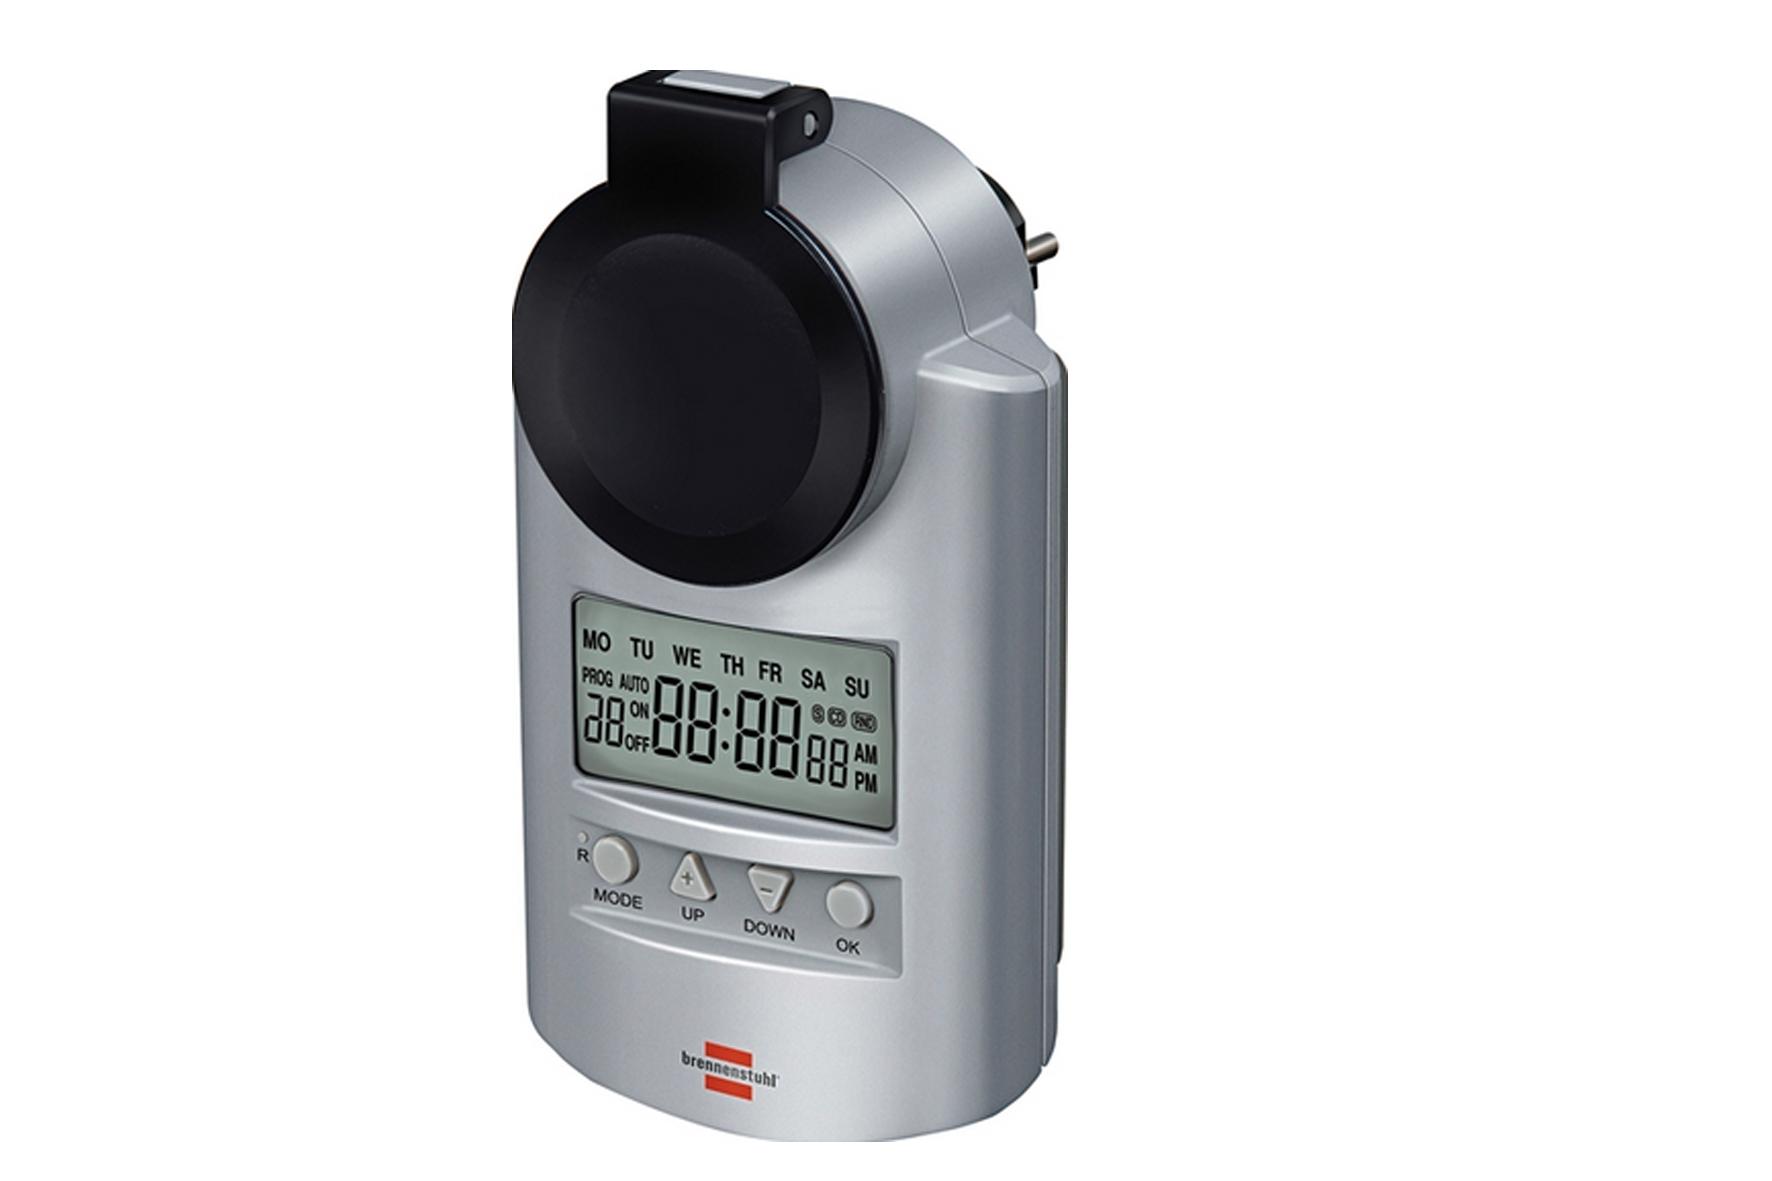 Prise programmable digitale brennenstuhl achat en ligne ou dans notre magasin - Prise electrique programmable ...